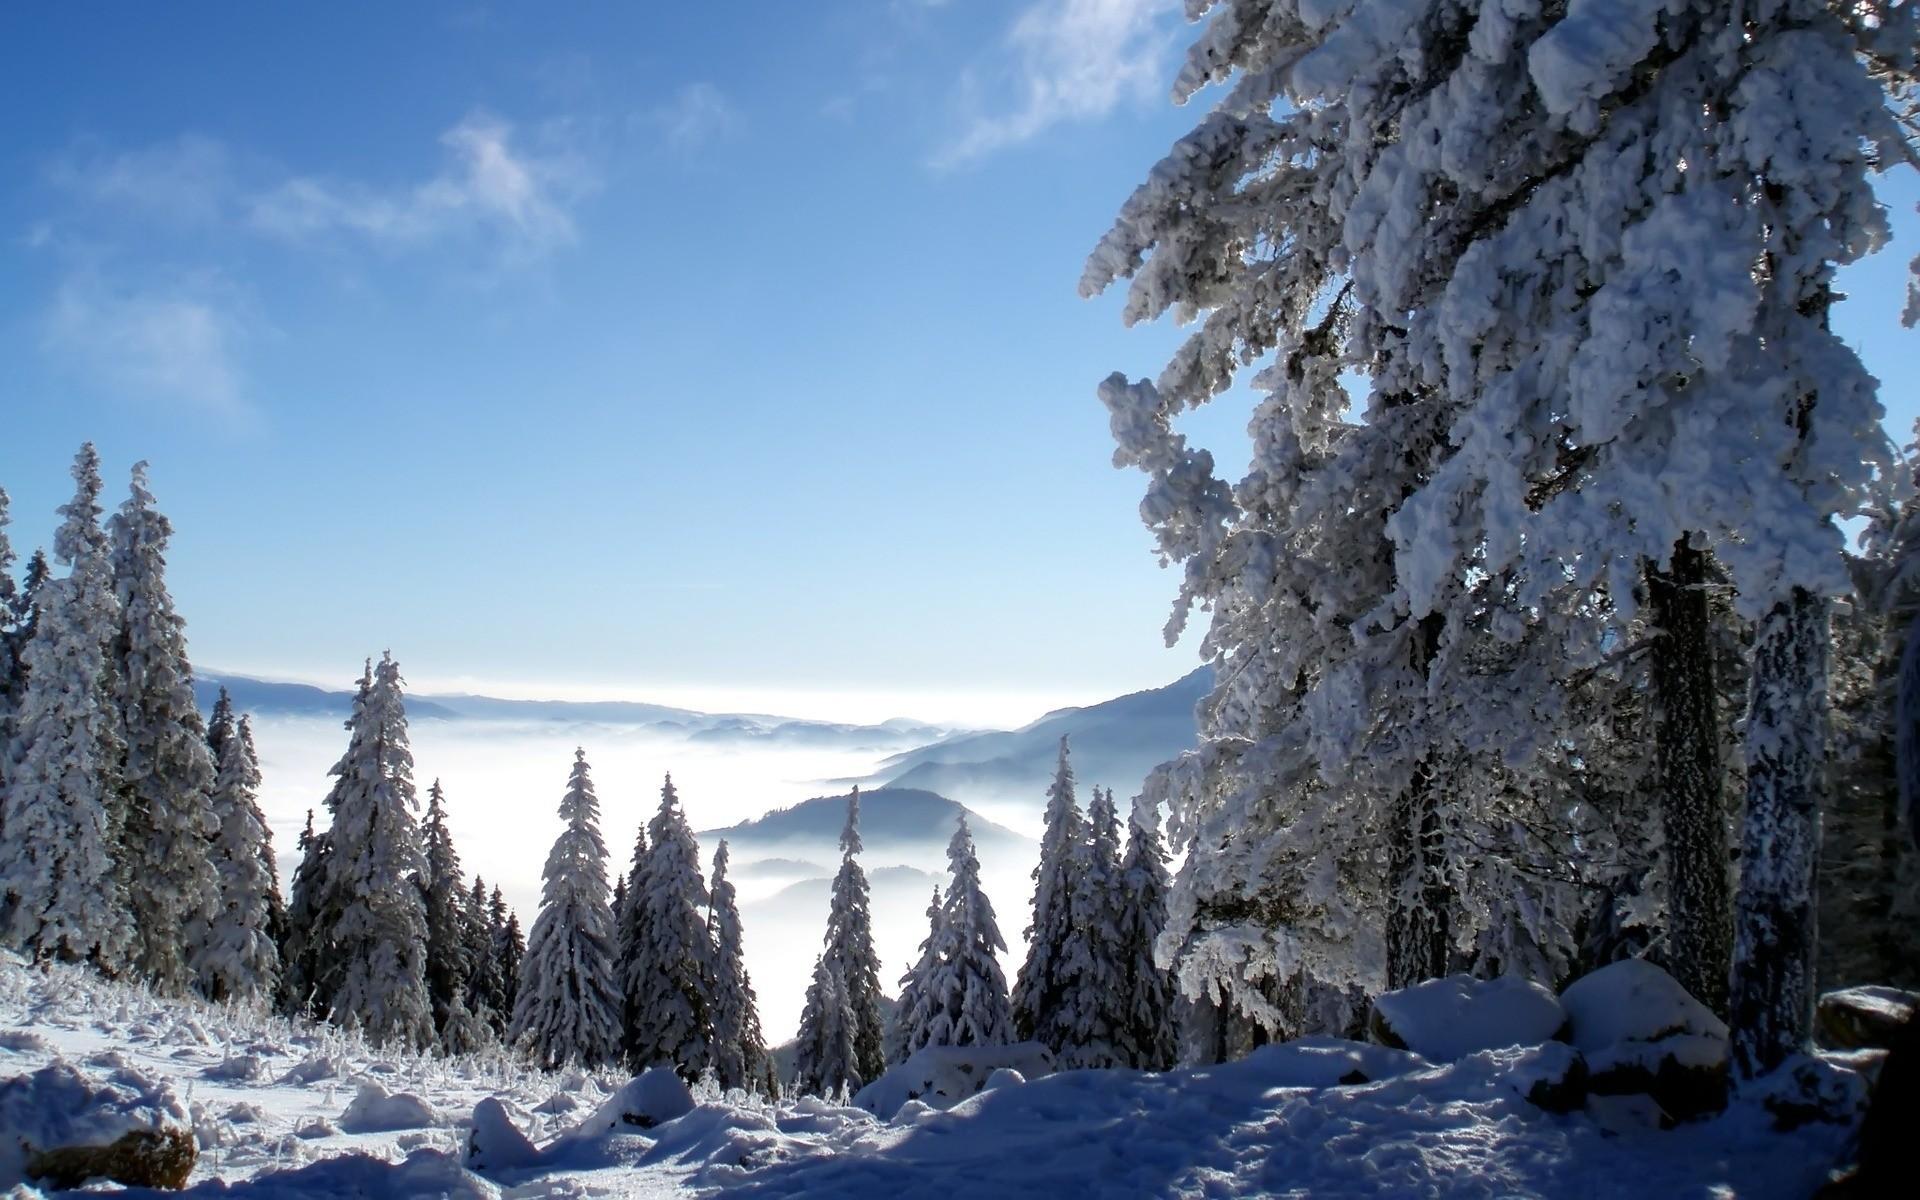 гора снег ели зима mountain snow ate winter бесплатно